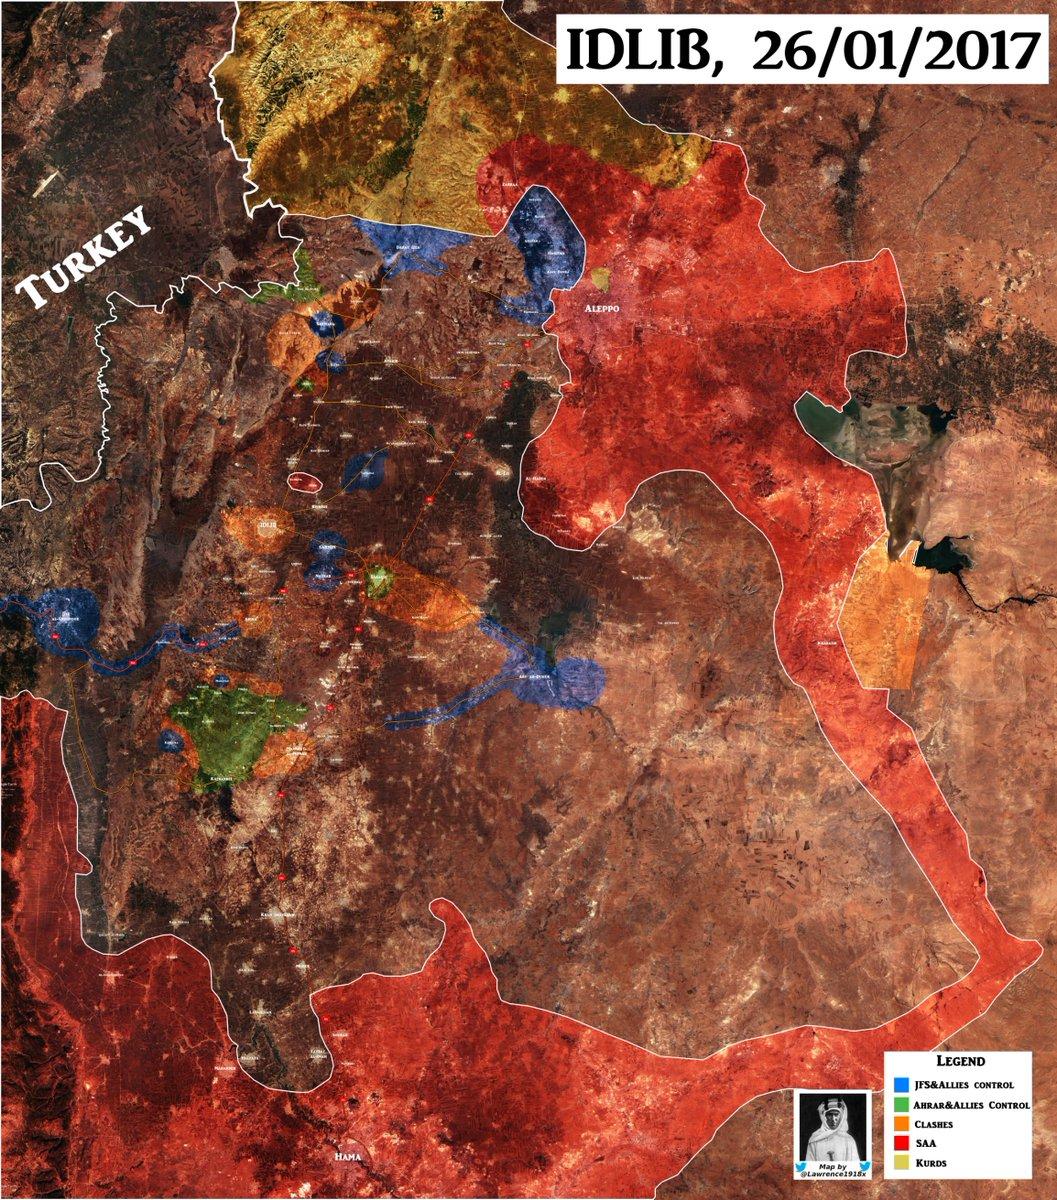 Al-Nusra (Al-Qaeda) Continues To Fight Against Rival Groups In Idlib, Aleppo